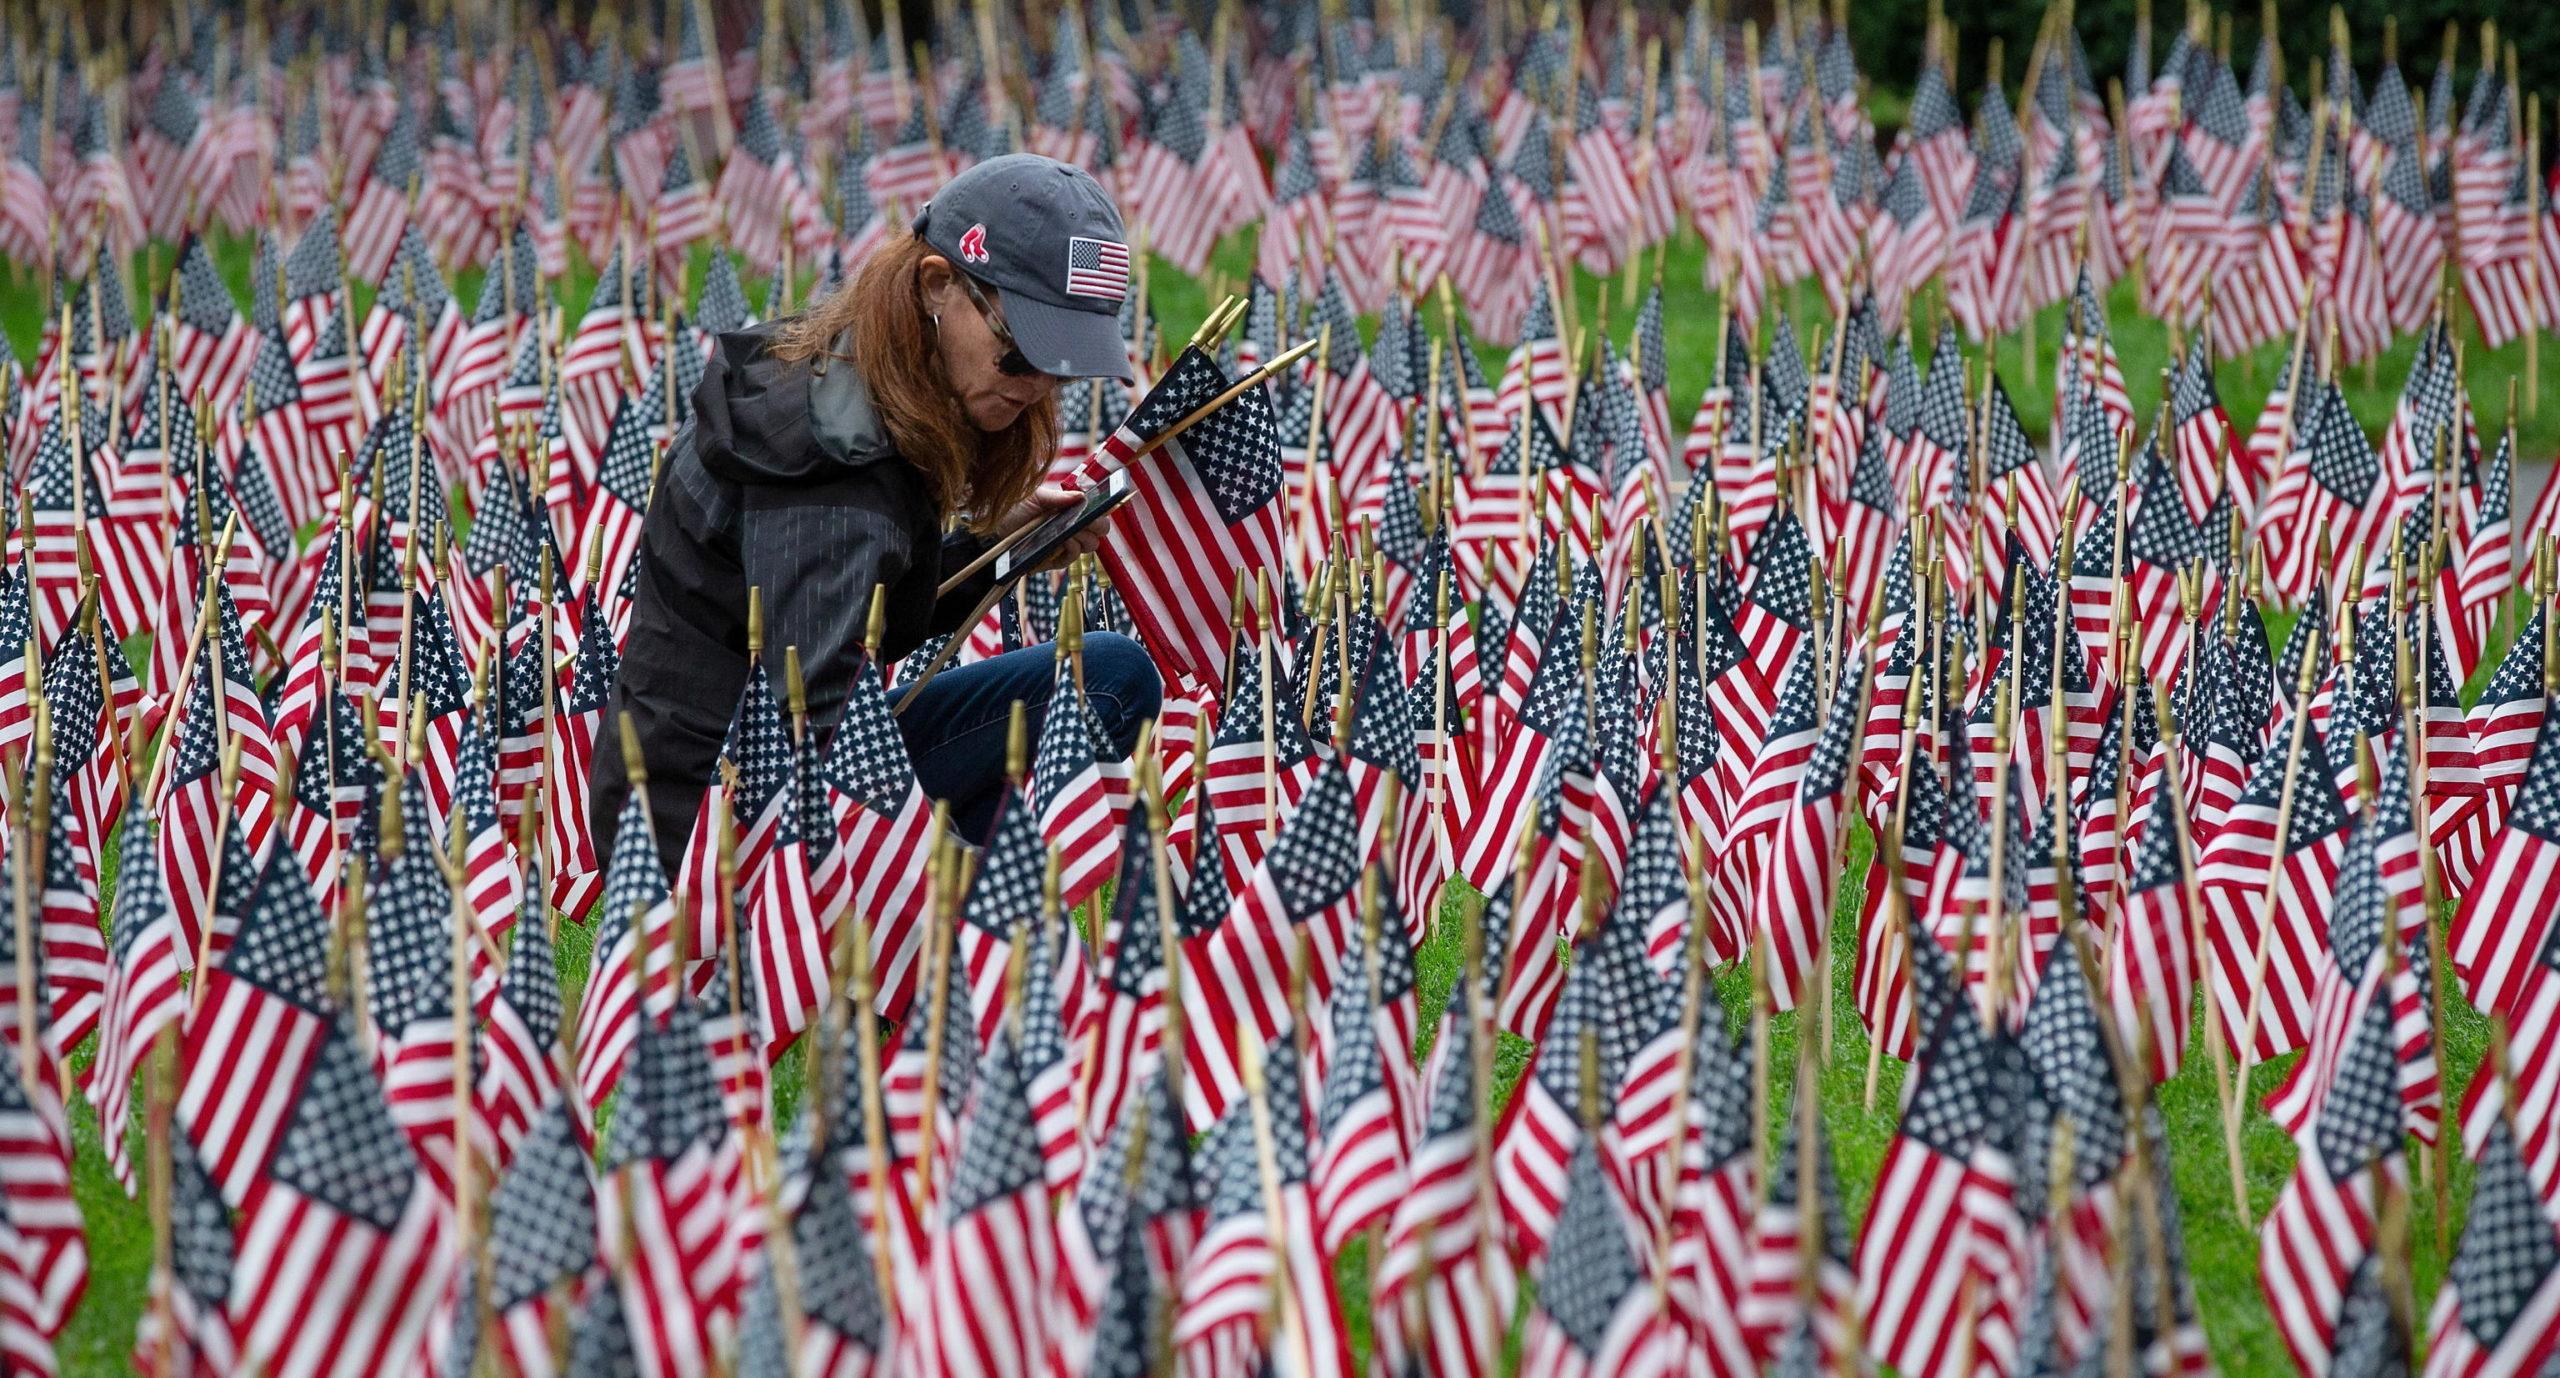 Una donna posiziona una bandiera americana in un giardino commemorativo